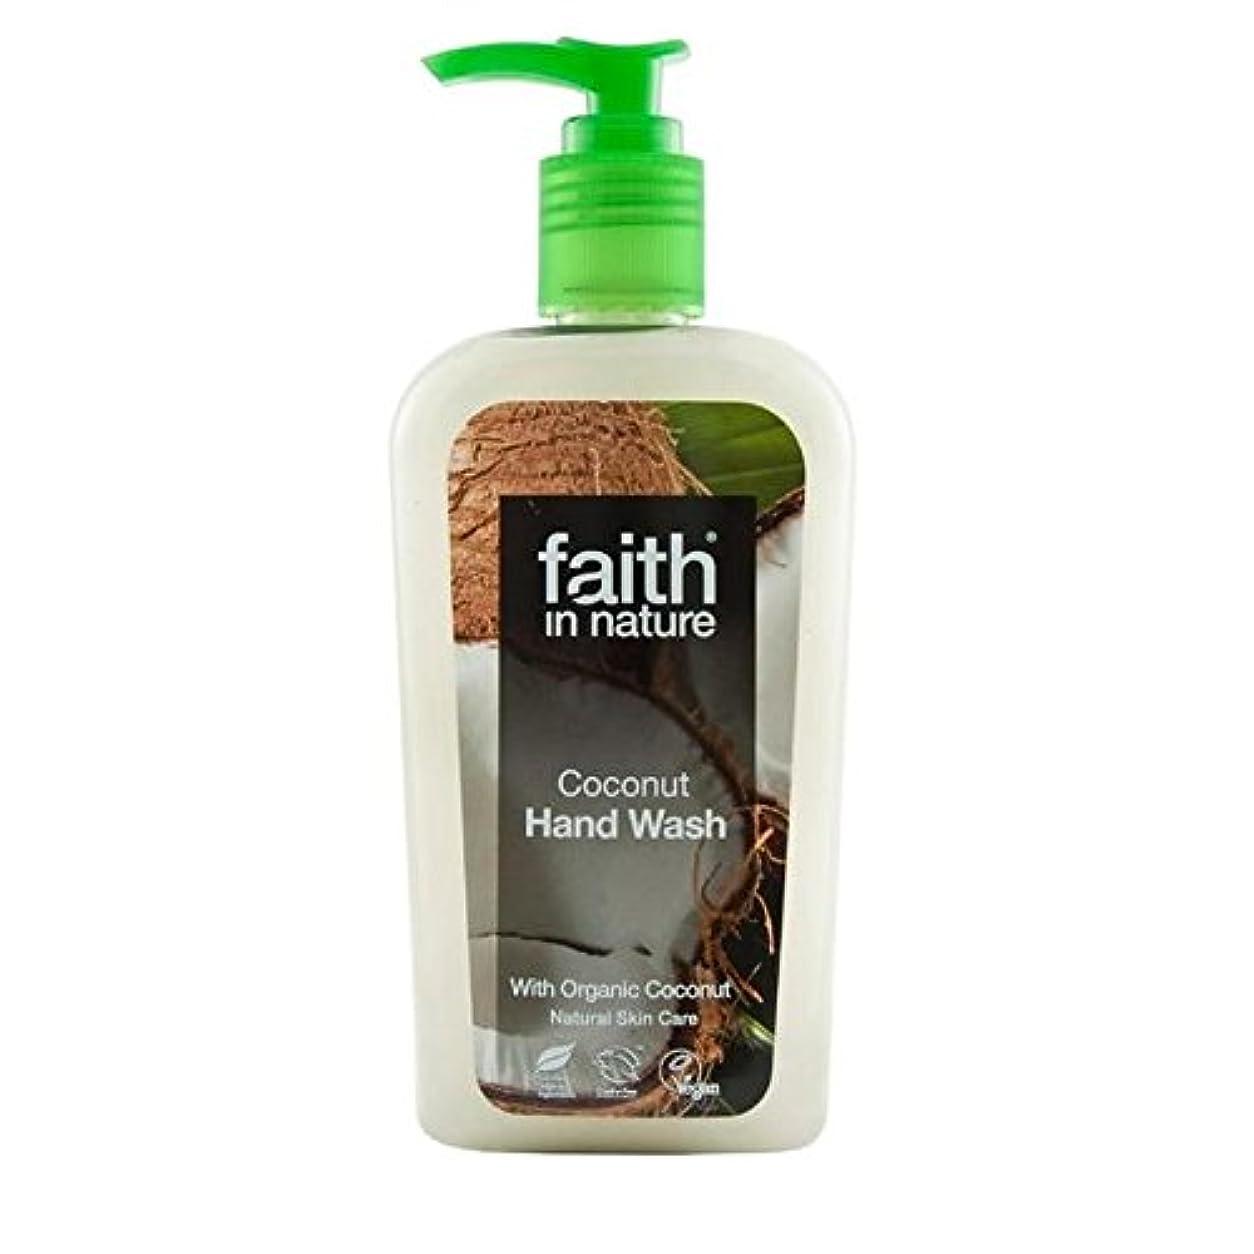 エラー方言破壊的Faith in Nature Coconut Handwash 300ml (Pack of 4) - (Faith In Nature) 自然ココナッツ手洗いの300ミリリットルの信仰 (x4) [並行輸入品]